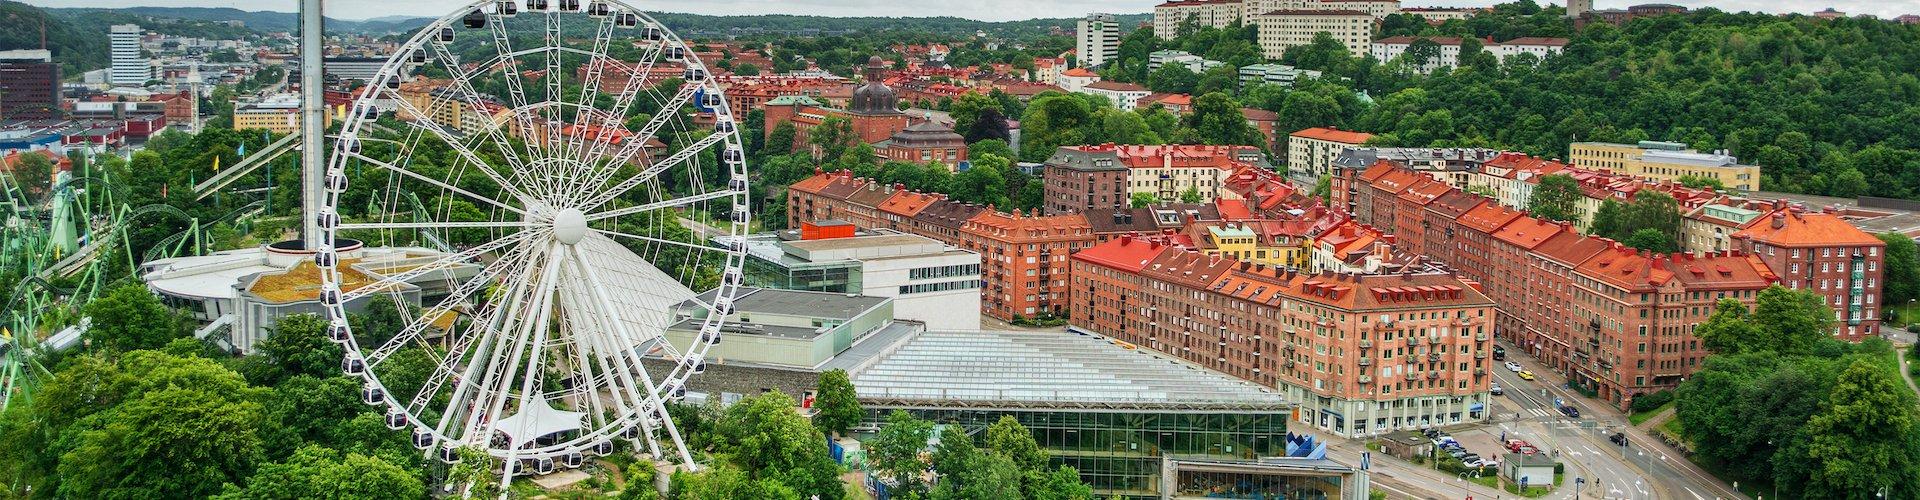 Freizeitpark Liseberg Park